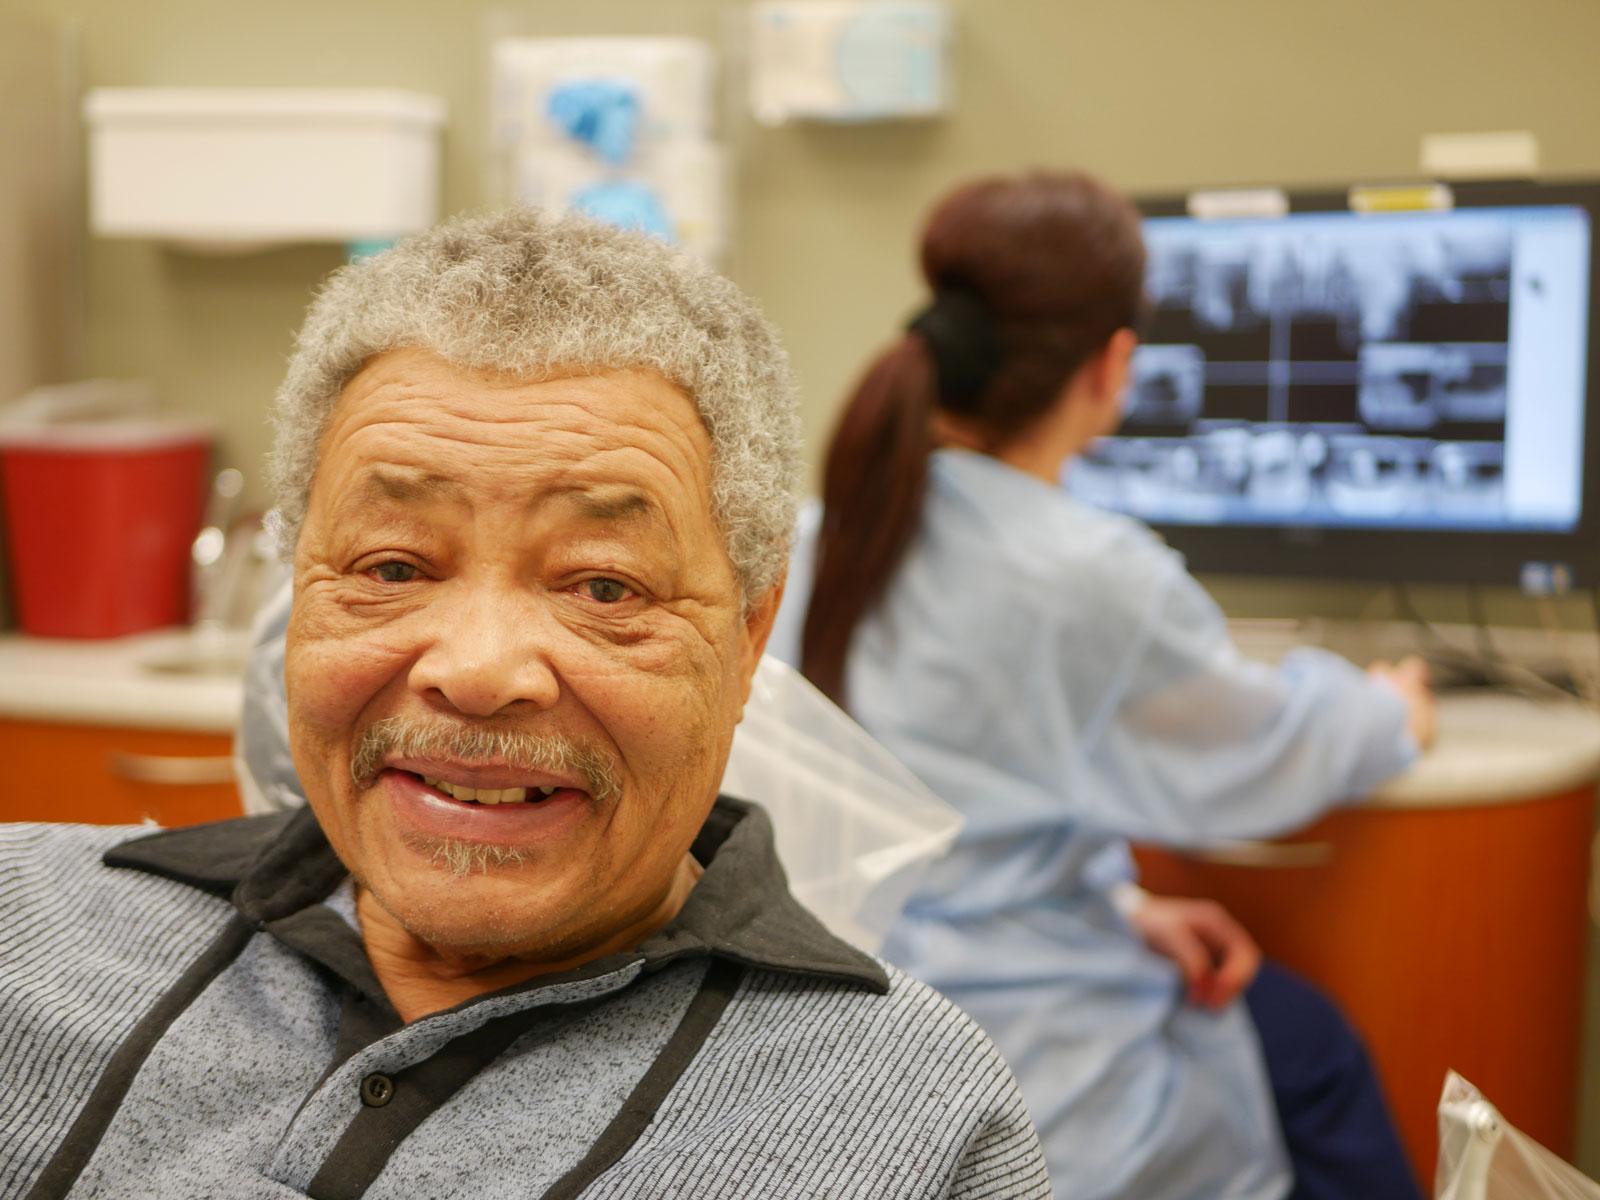 Dental Broken Teeth and Emergency